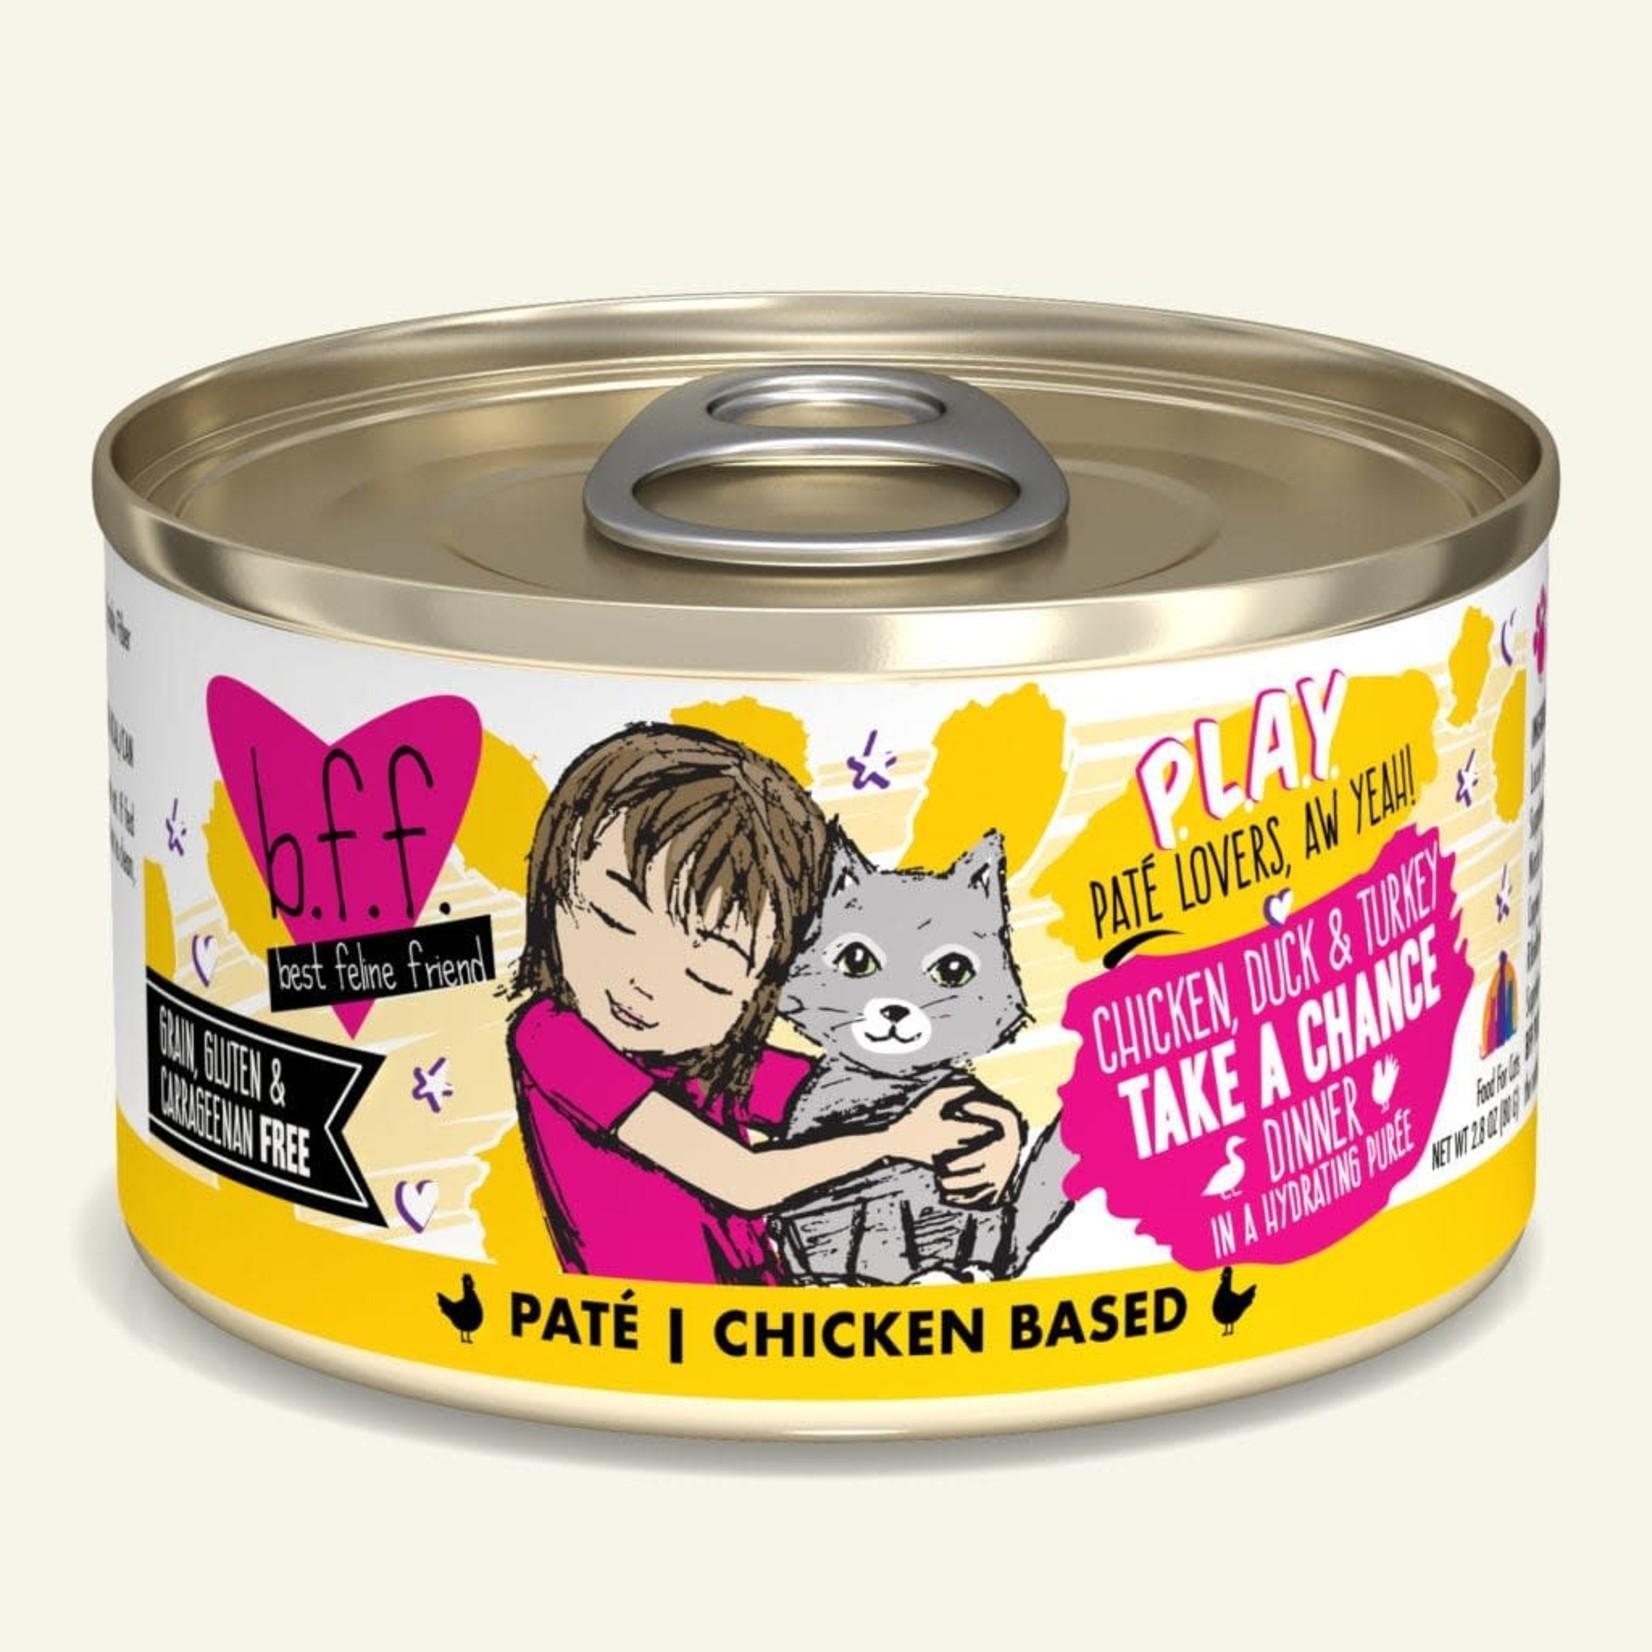 Weruva Inc. BFF PLAY Cat Chicken, Duck & Turkey Take A Chance 2.8 OZ